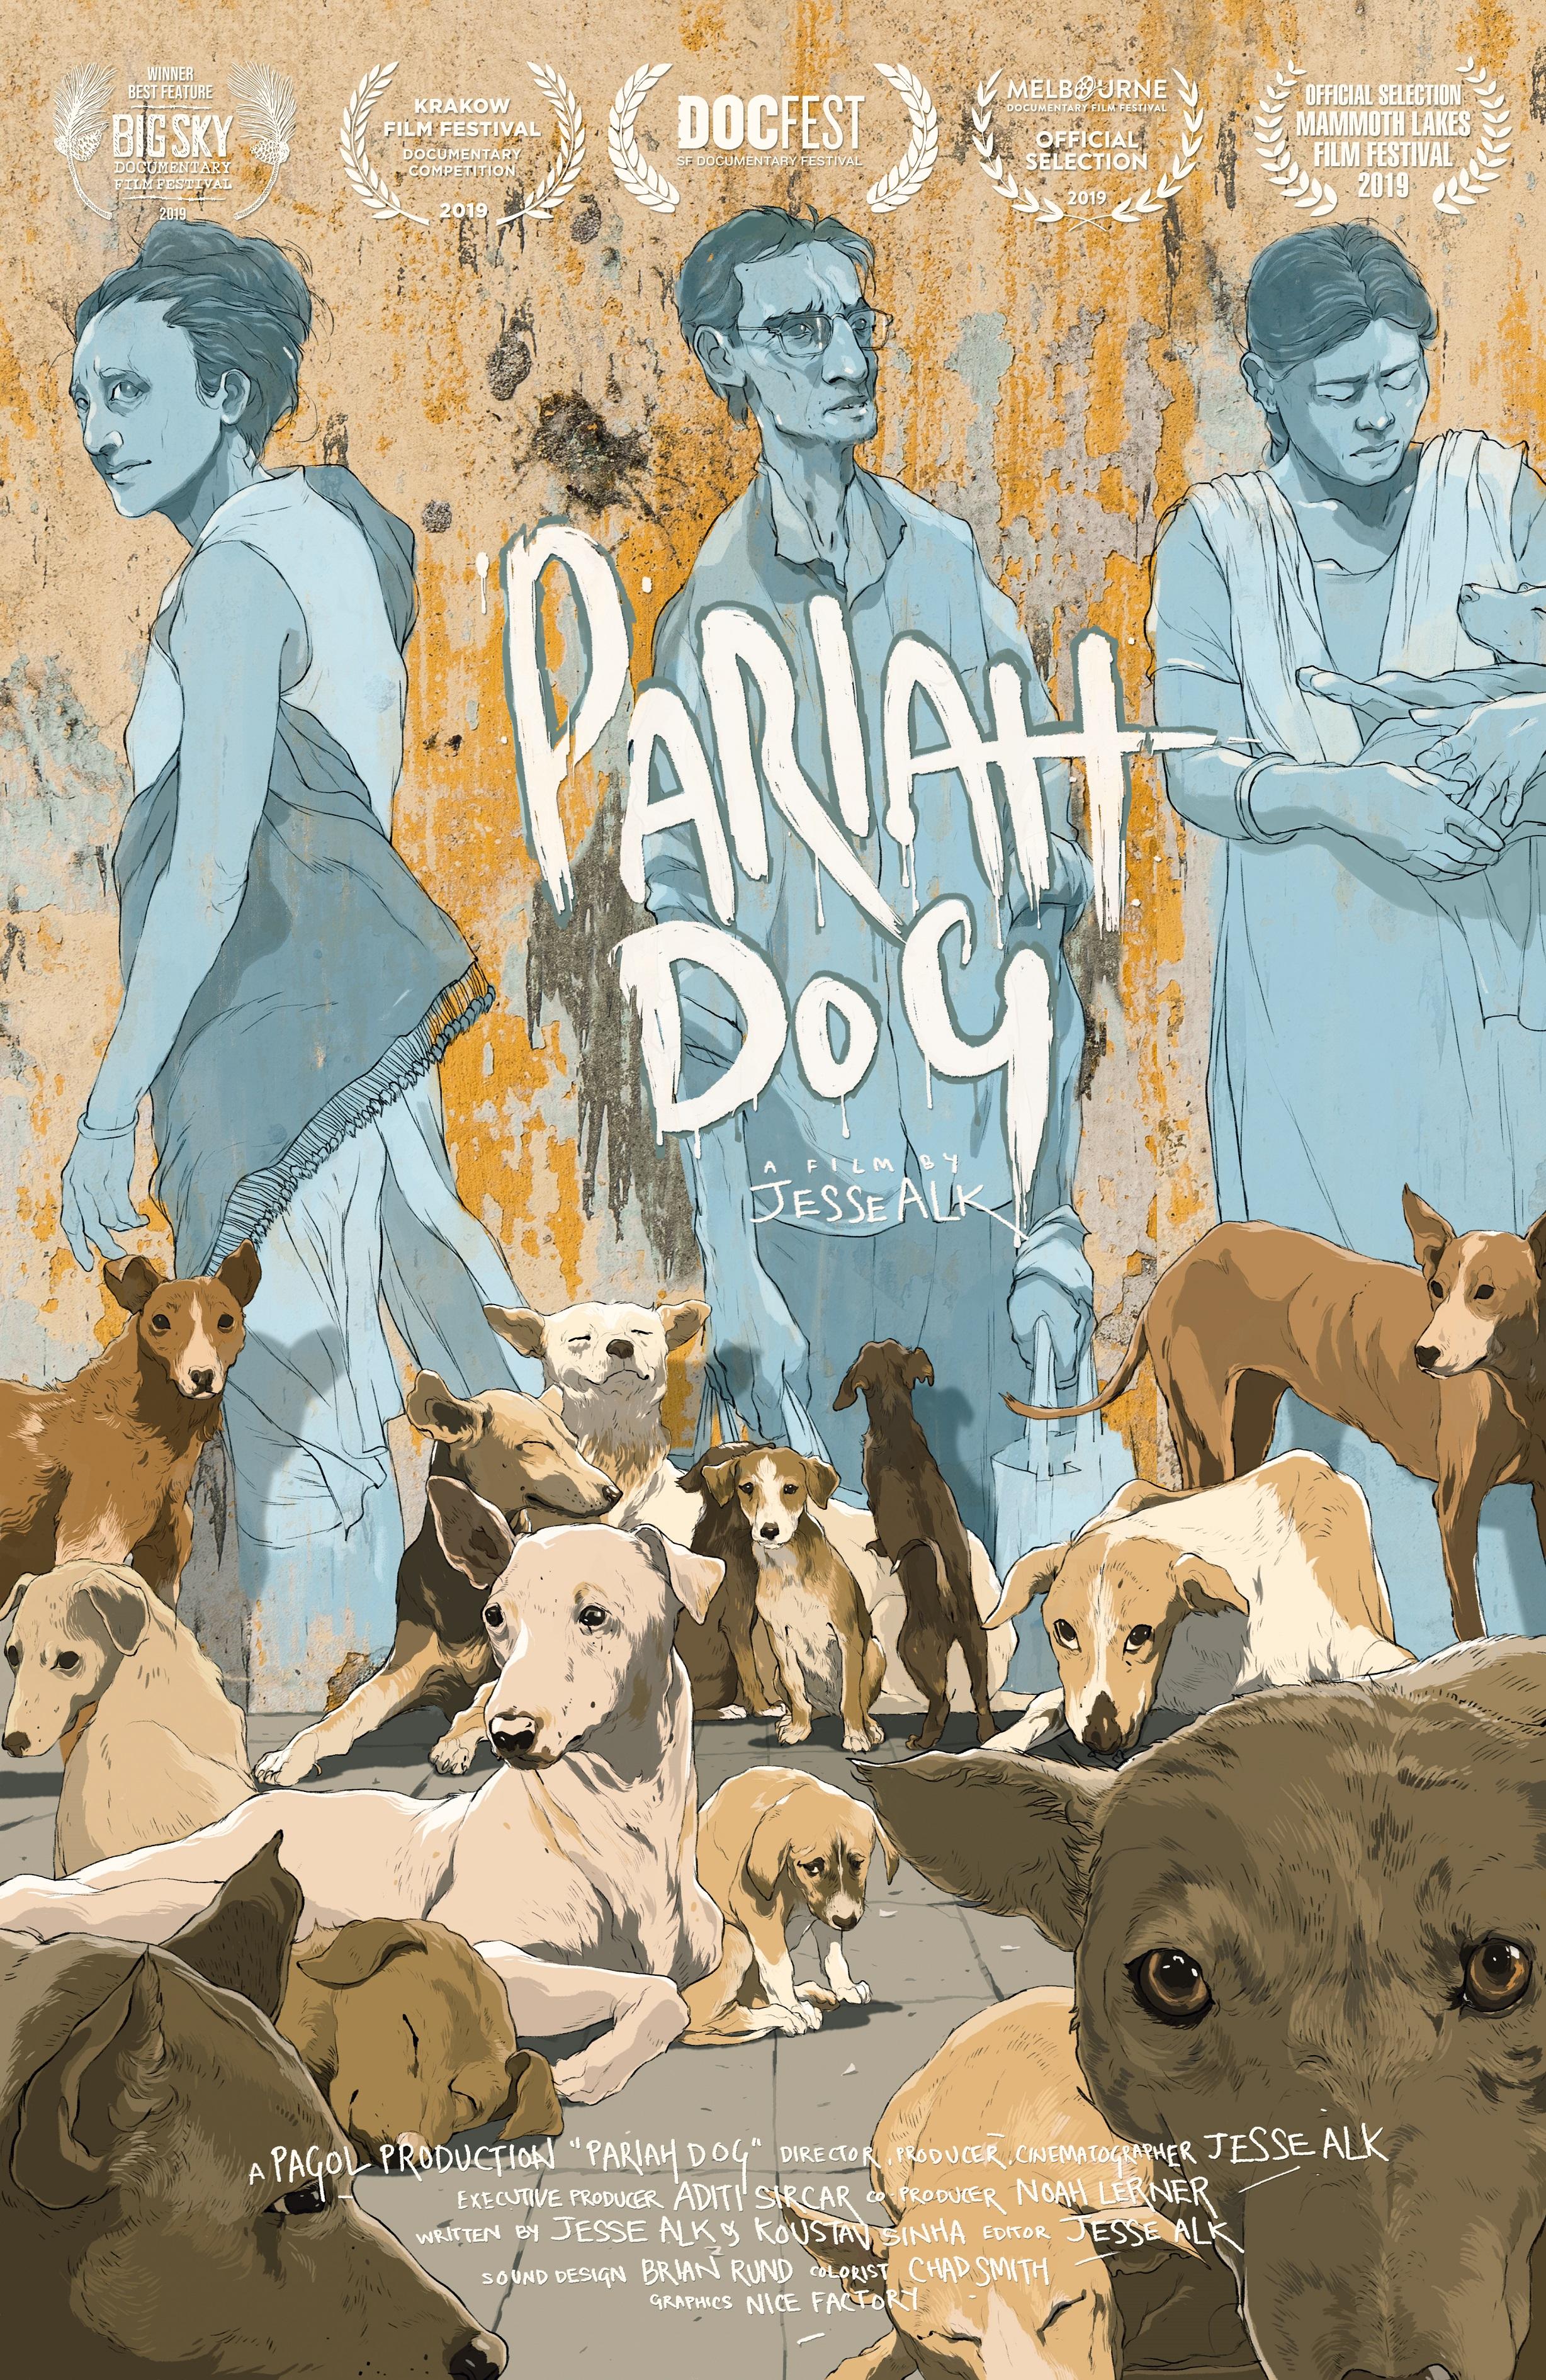 Pariah Dog